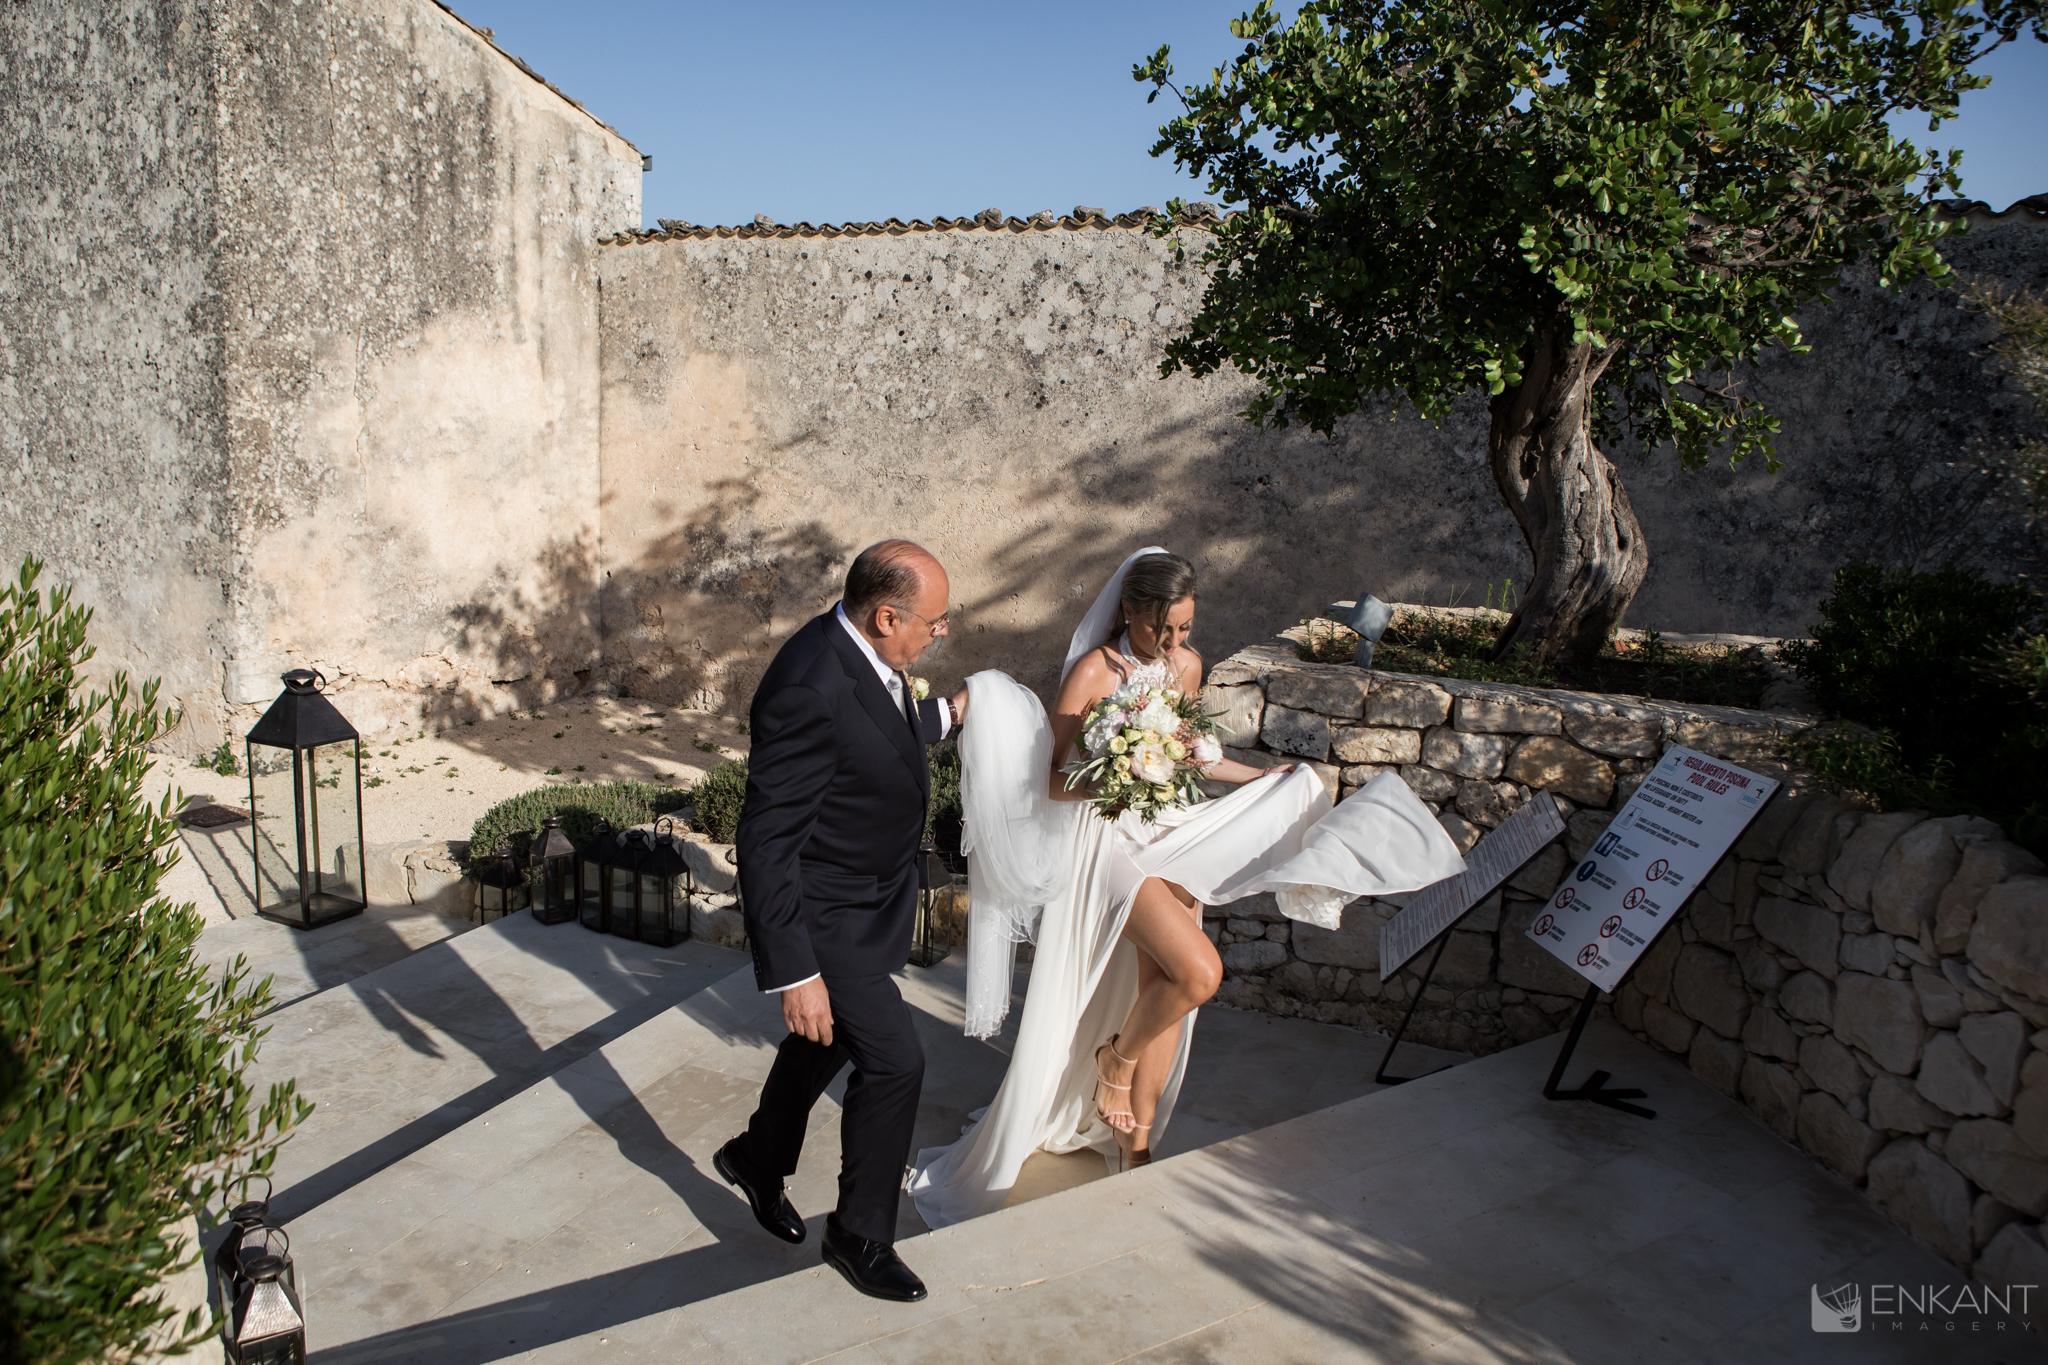 foto-matrimonio-enkant-noto-dimoradellebalze-25.jpg